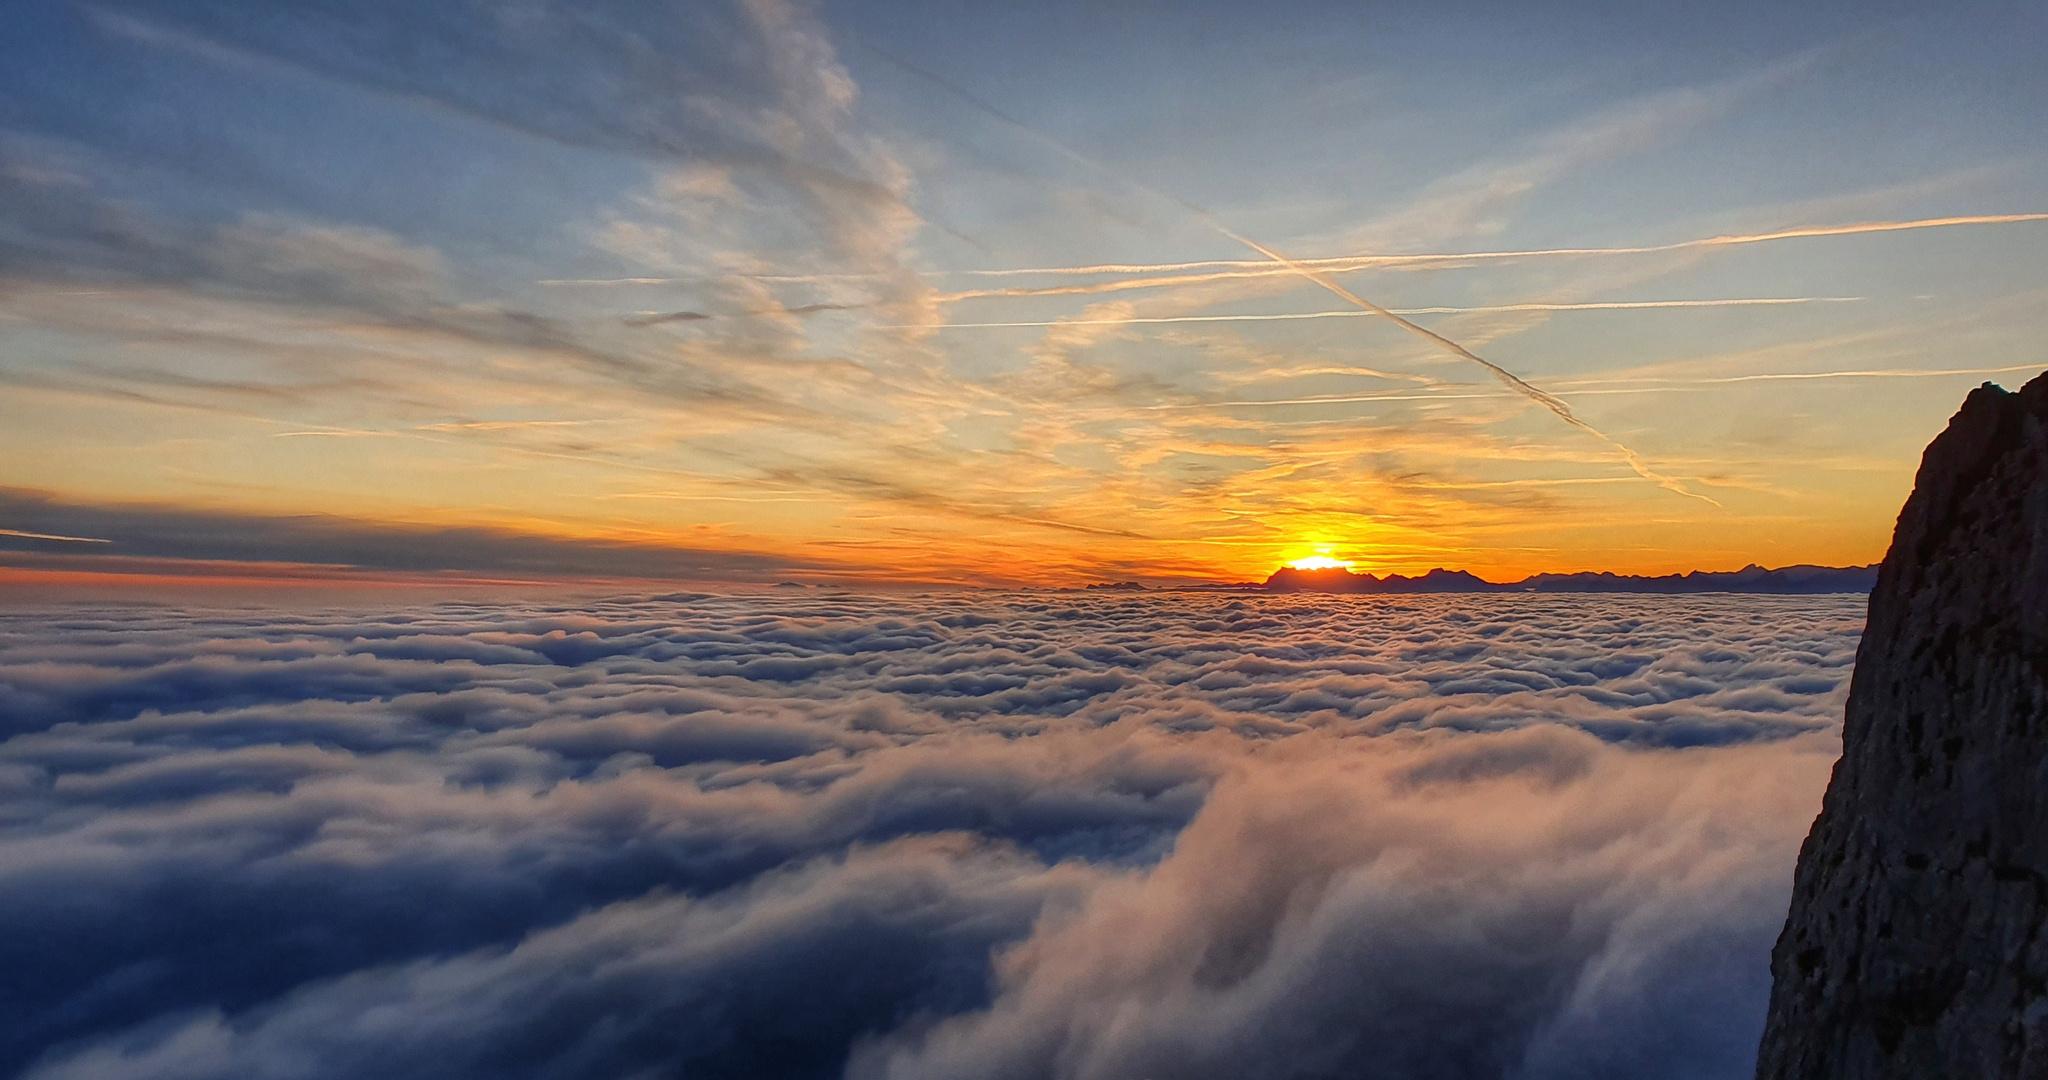 Faszination Berge -  Sonnenaufgang